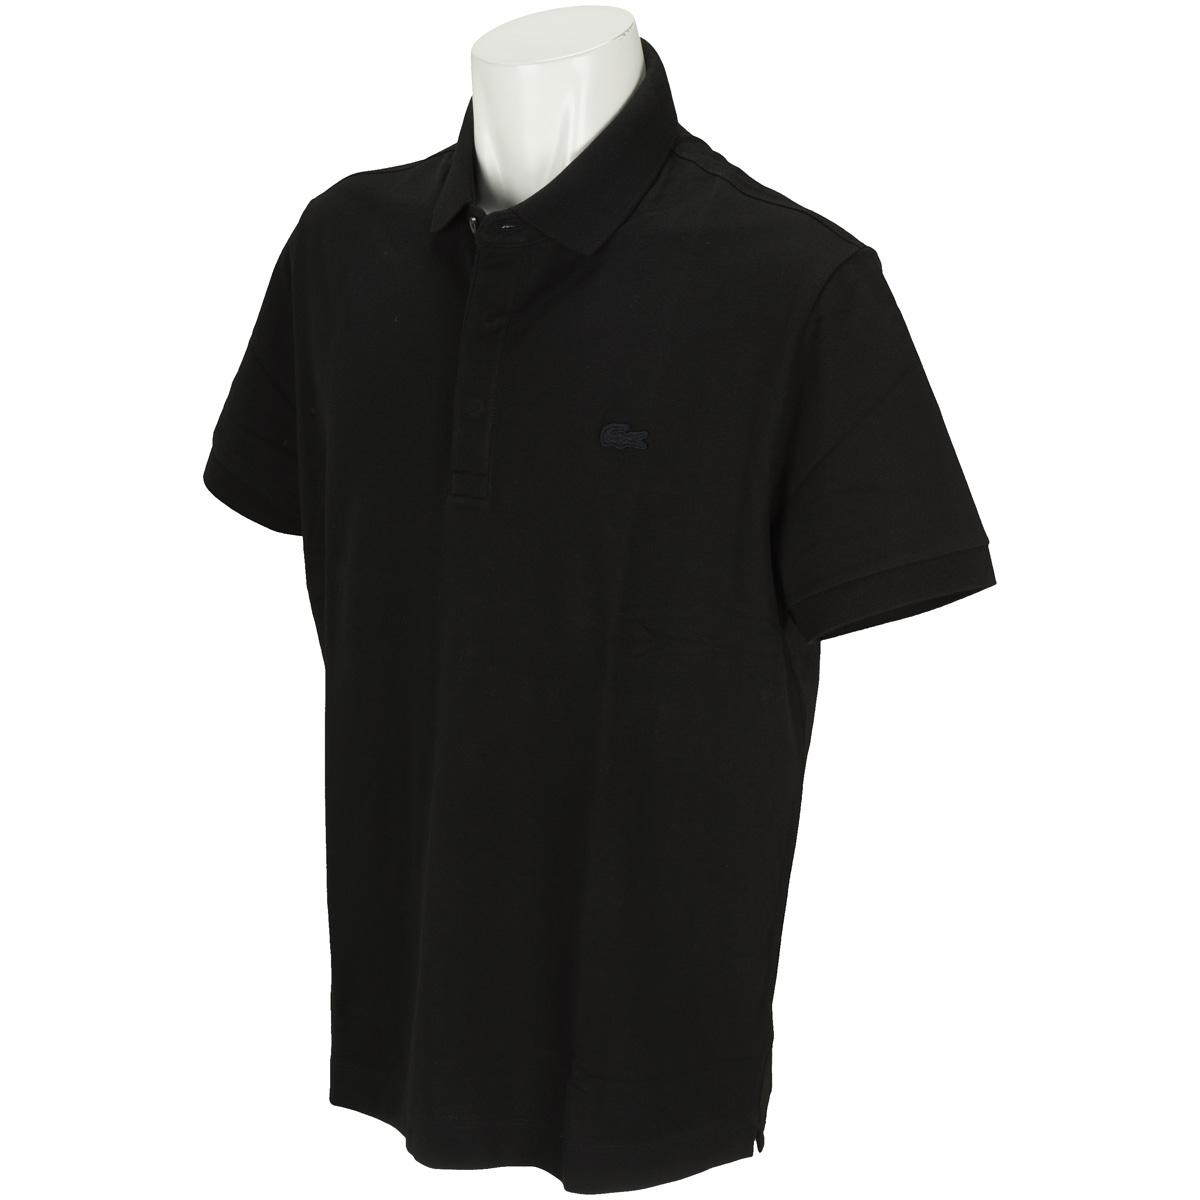 レギュラーフィット ストレッチ 半袖パリポロシャツ